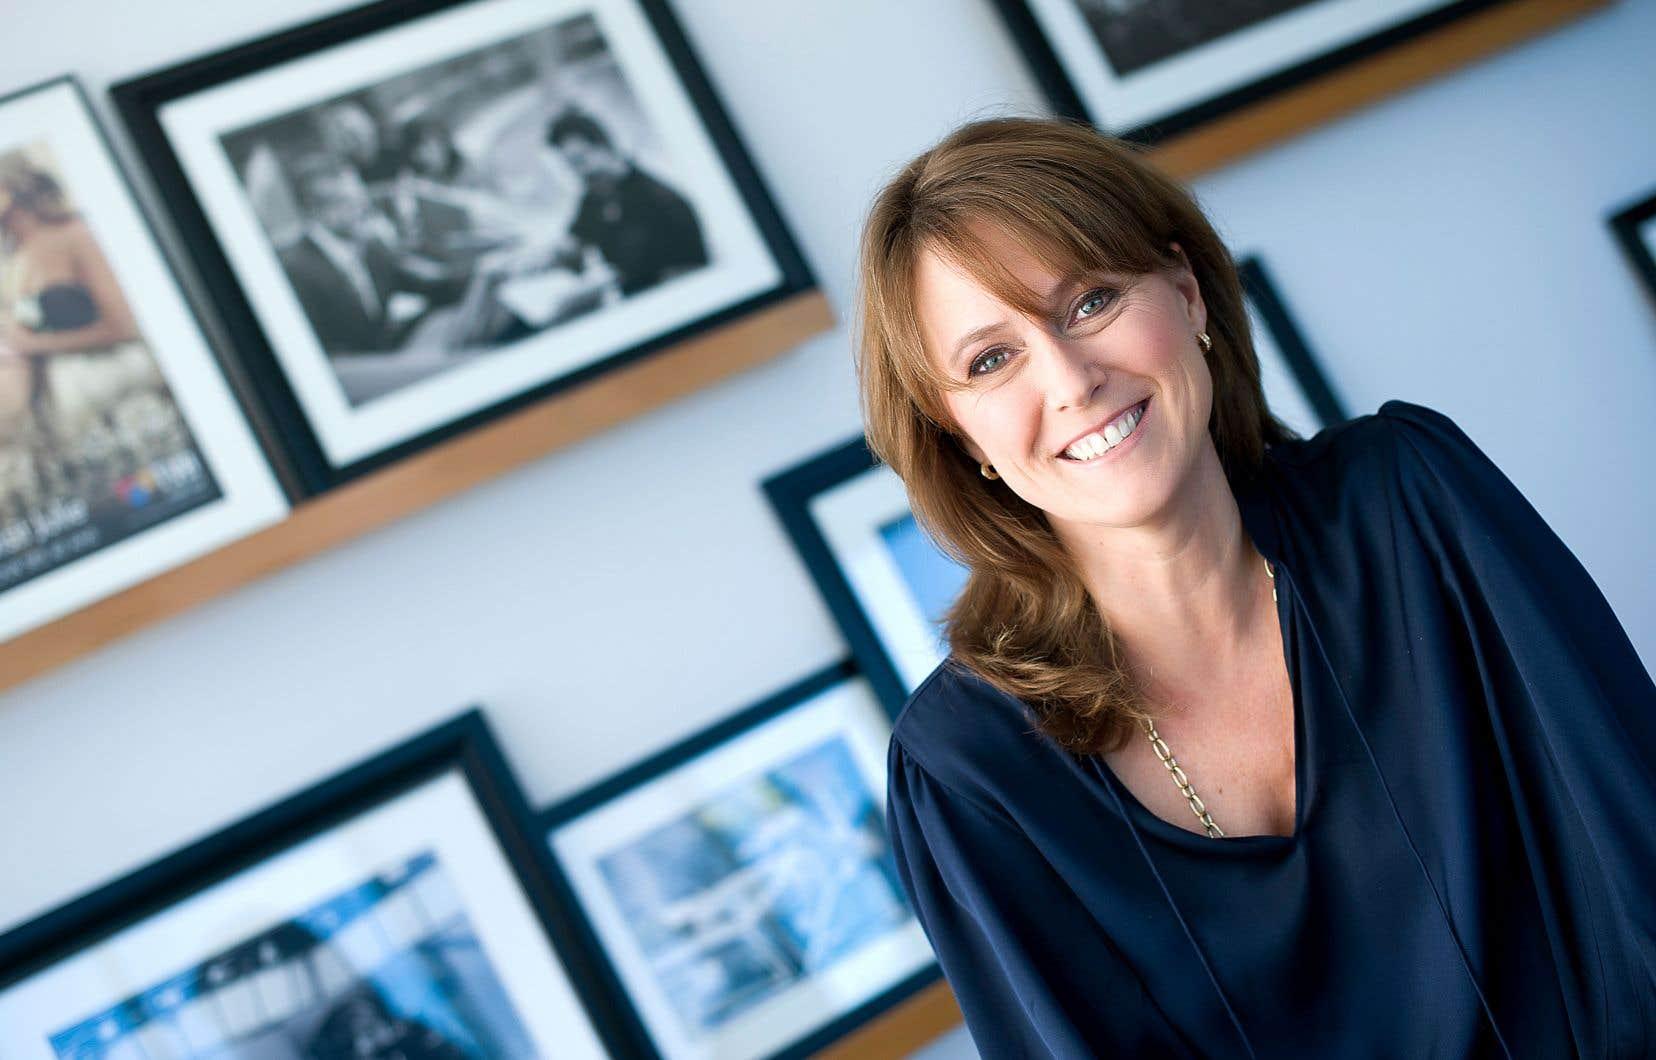 France Lauzière, la présidente et cheffe de la direction de Groupe TVA, et cheffe du contenu de Québecor Contenu, navigue chez Québecor et dans l'industrie de la télévision depuis 19ans. Forte de cette expérience, elle a choisi d'investir dans la création québécoise.